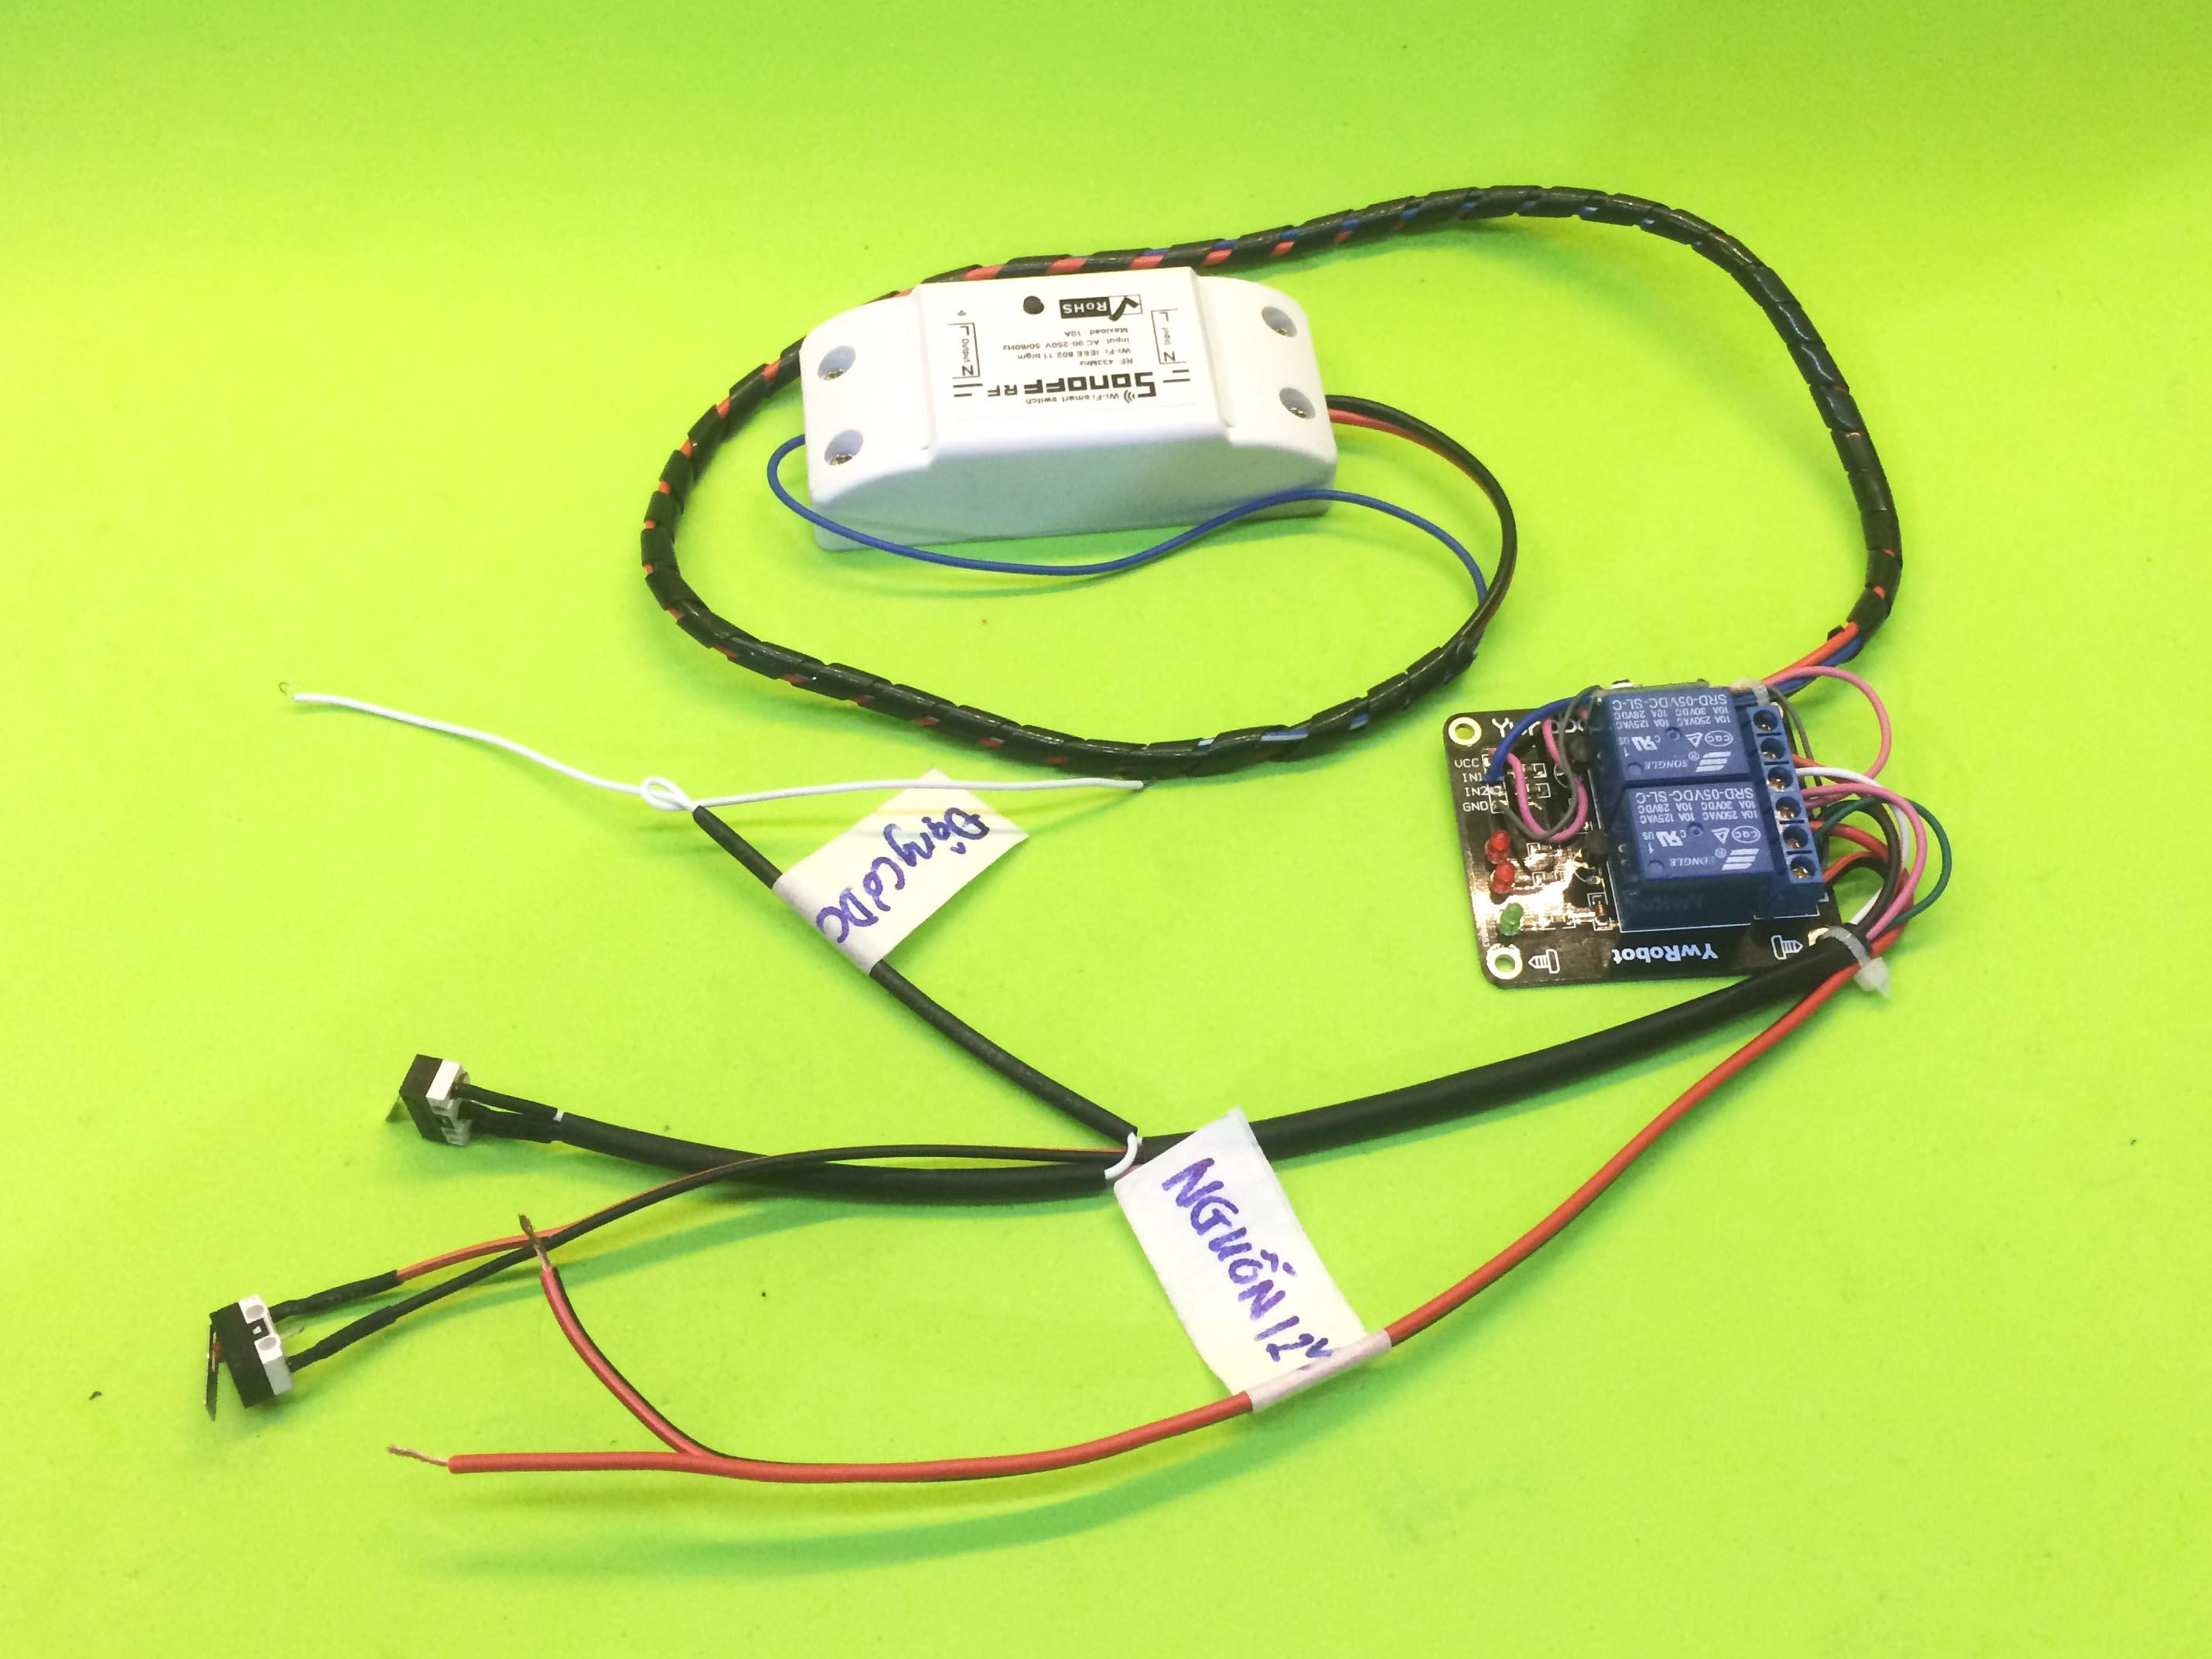 Bộ đảo chiều động cơ DC dùng wifi điều khiển từ xa PB6